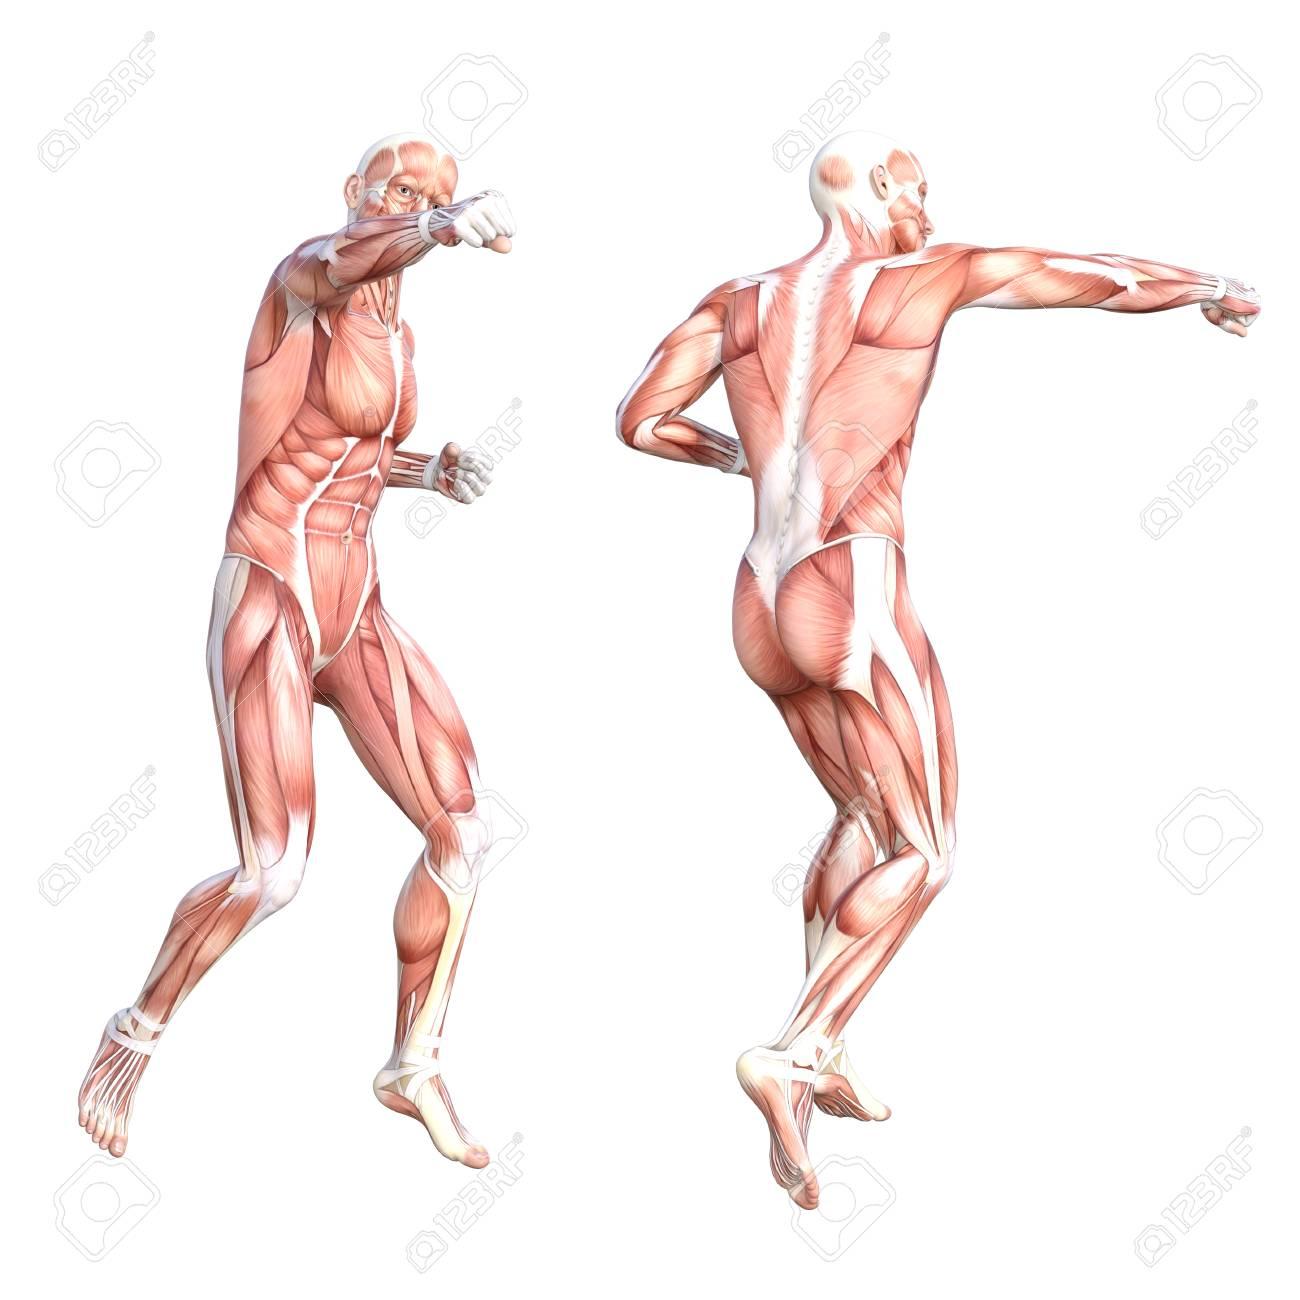 Niedlich Anatomie Muskelsystem Studienführer Bilder - Menschliche ...